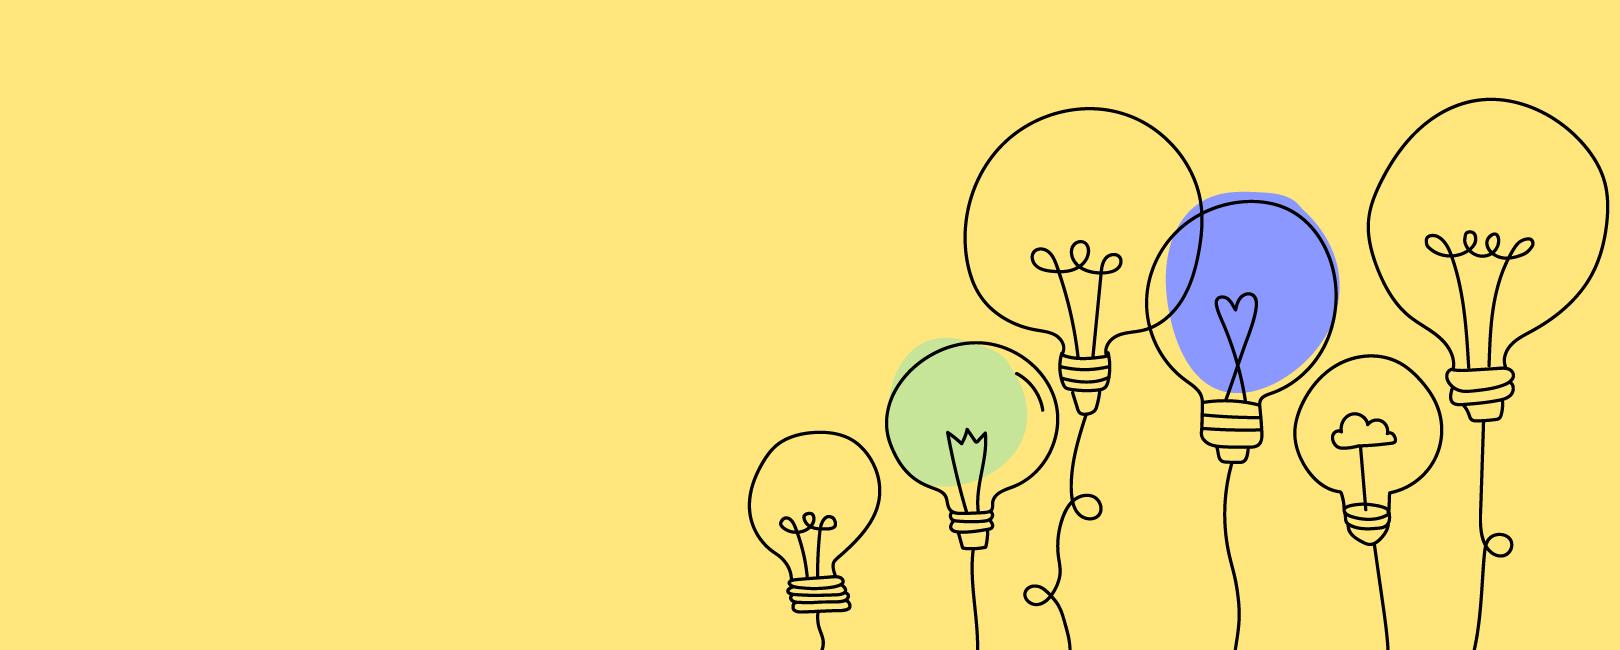 Midiendo la innovación para generar confianza y reducir riesgos